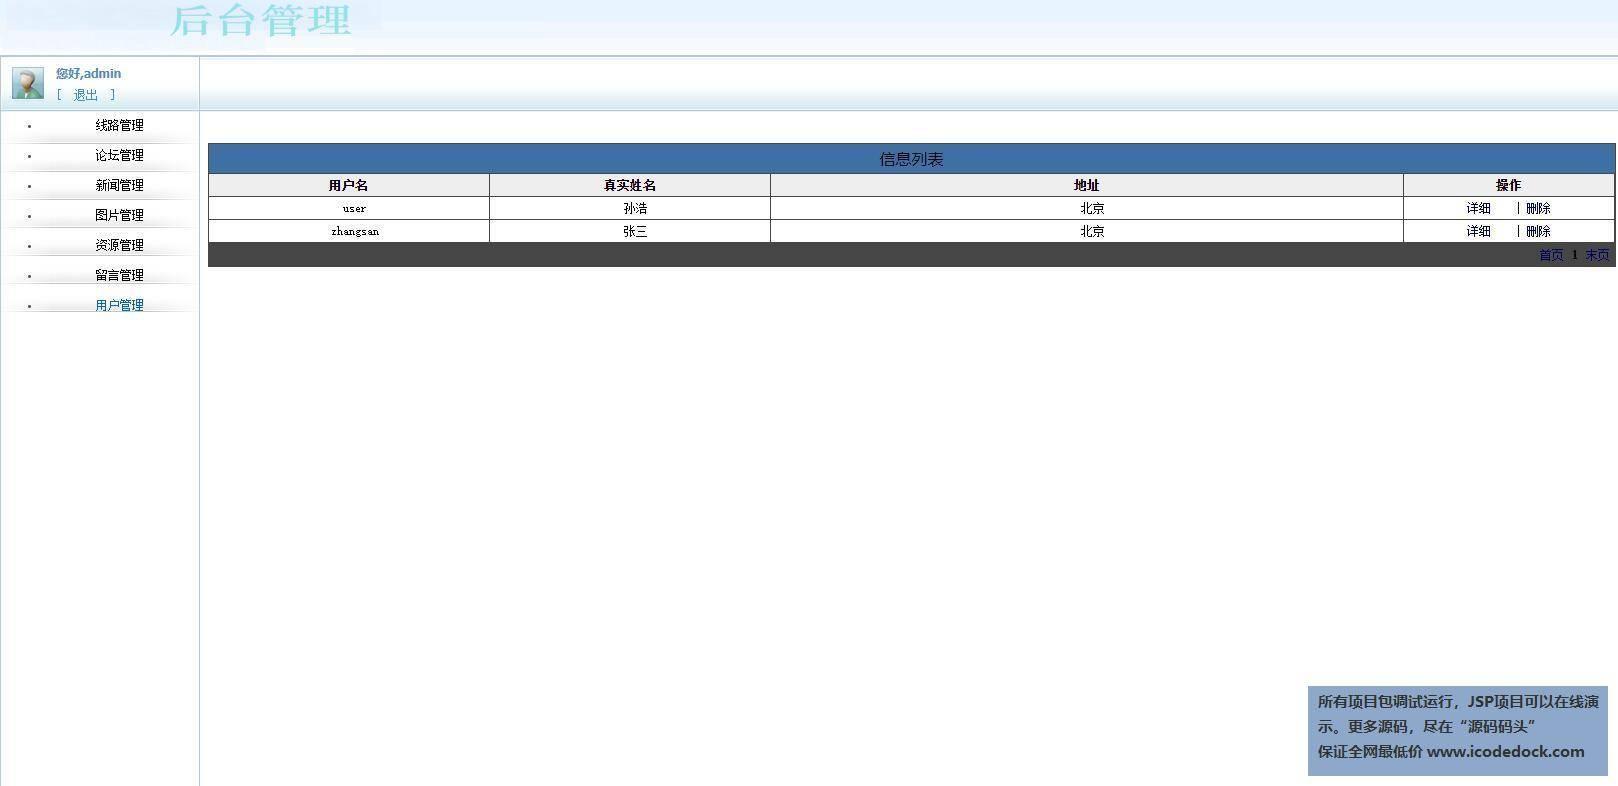 源码码头-SSH公交路线查询网站系统-管理员角色-用户管理